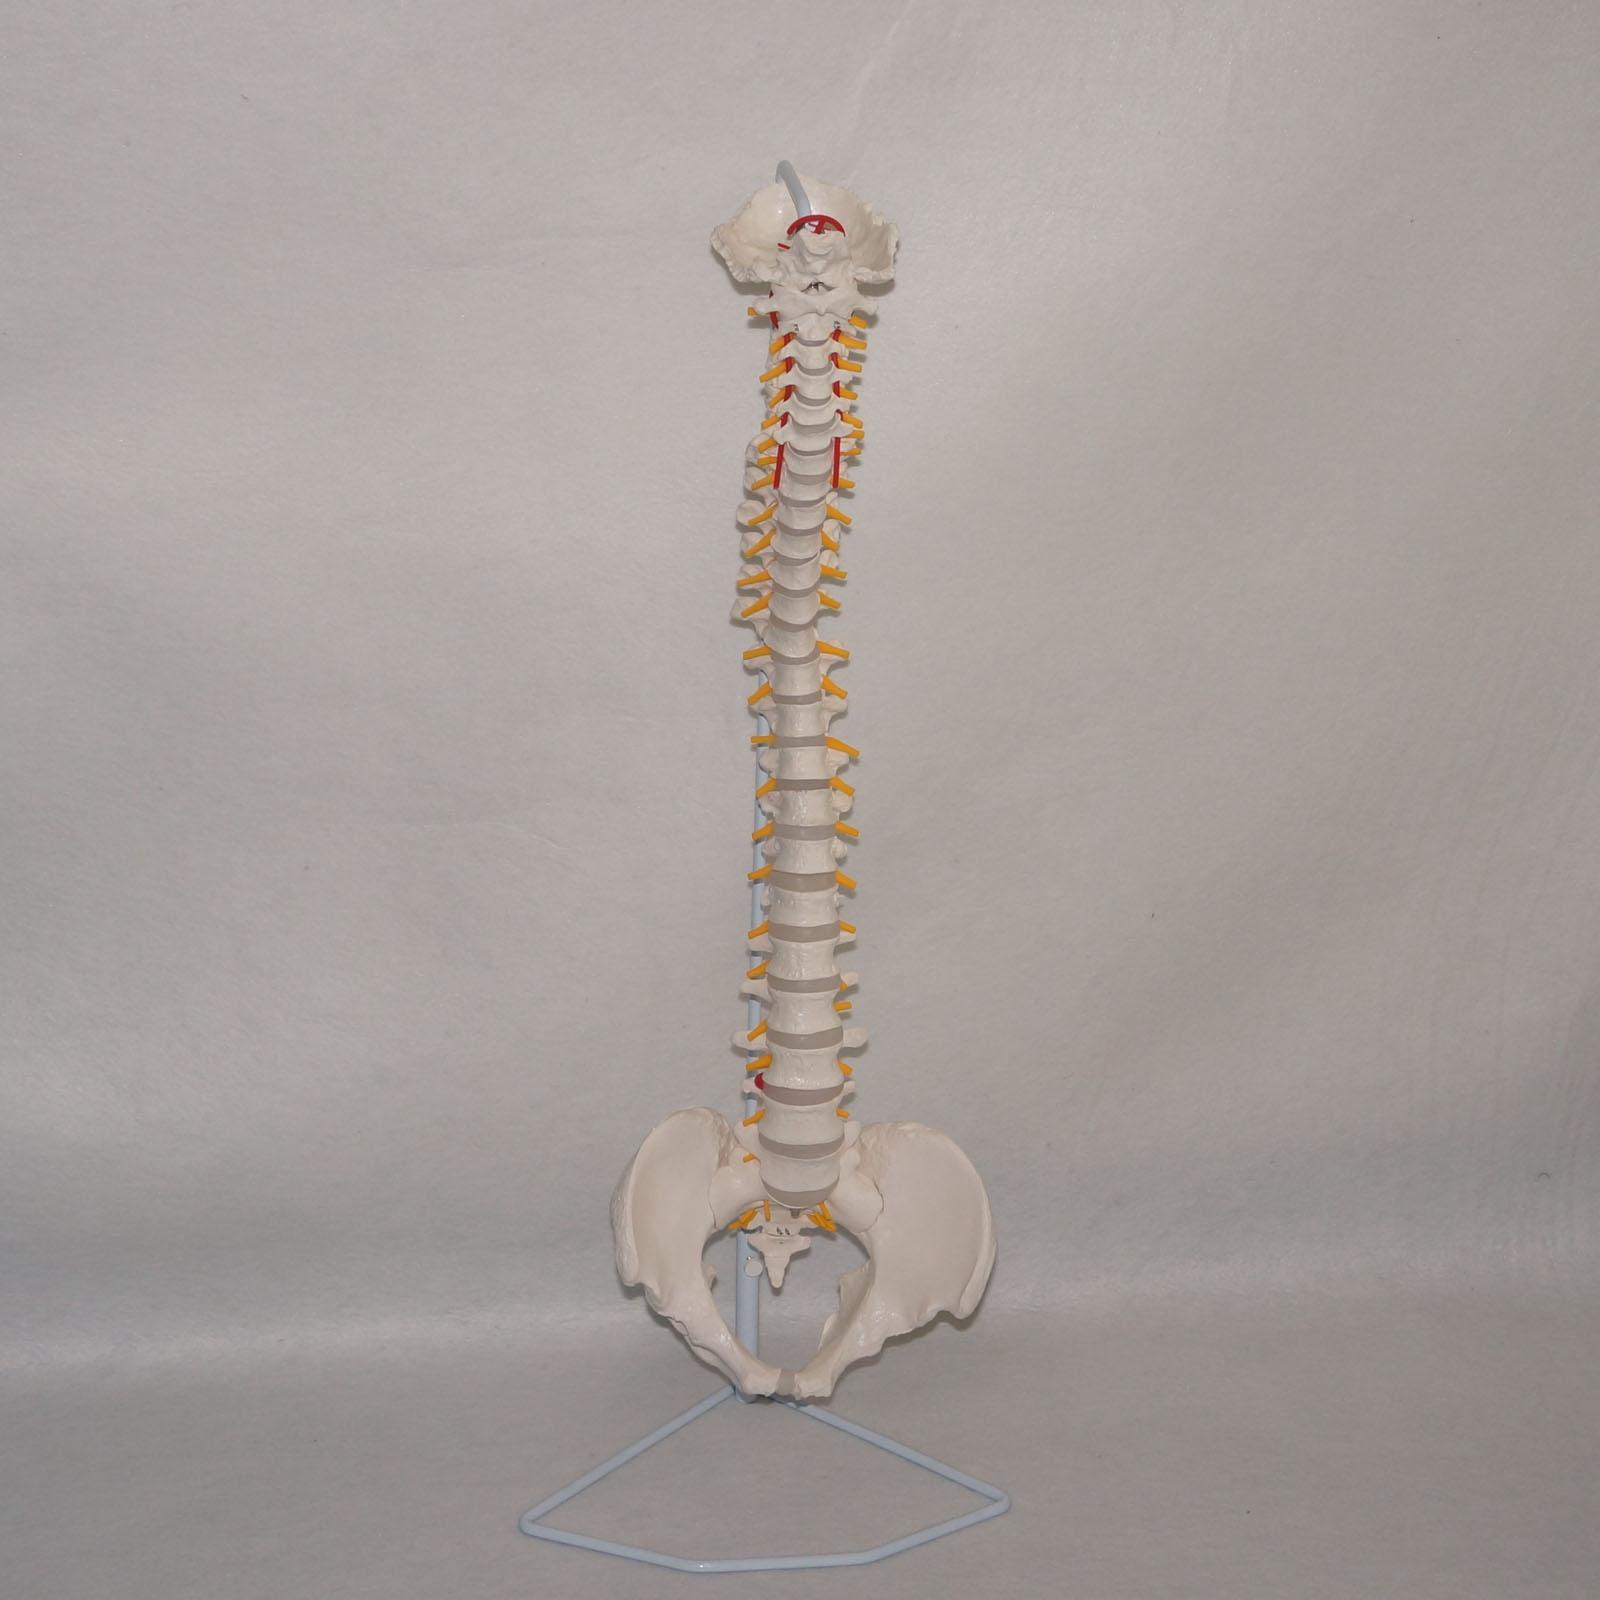 Modèle d'anatomie de colonne vertébrale Flexible didactique spécimen de squelette humain Science médicale